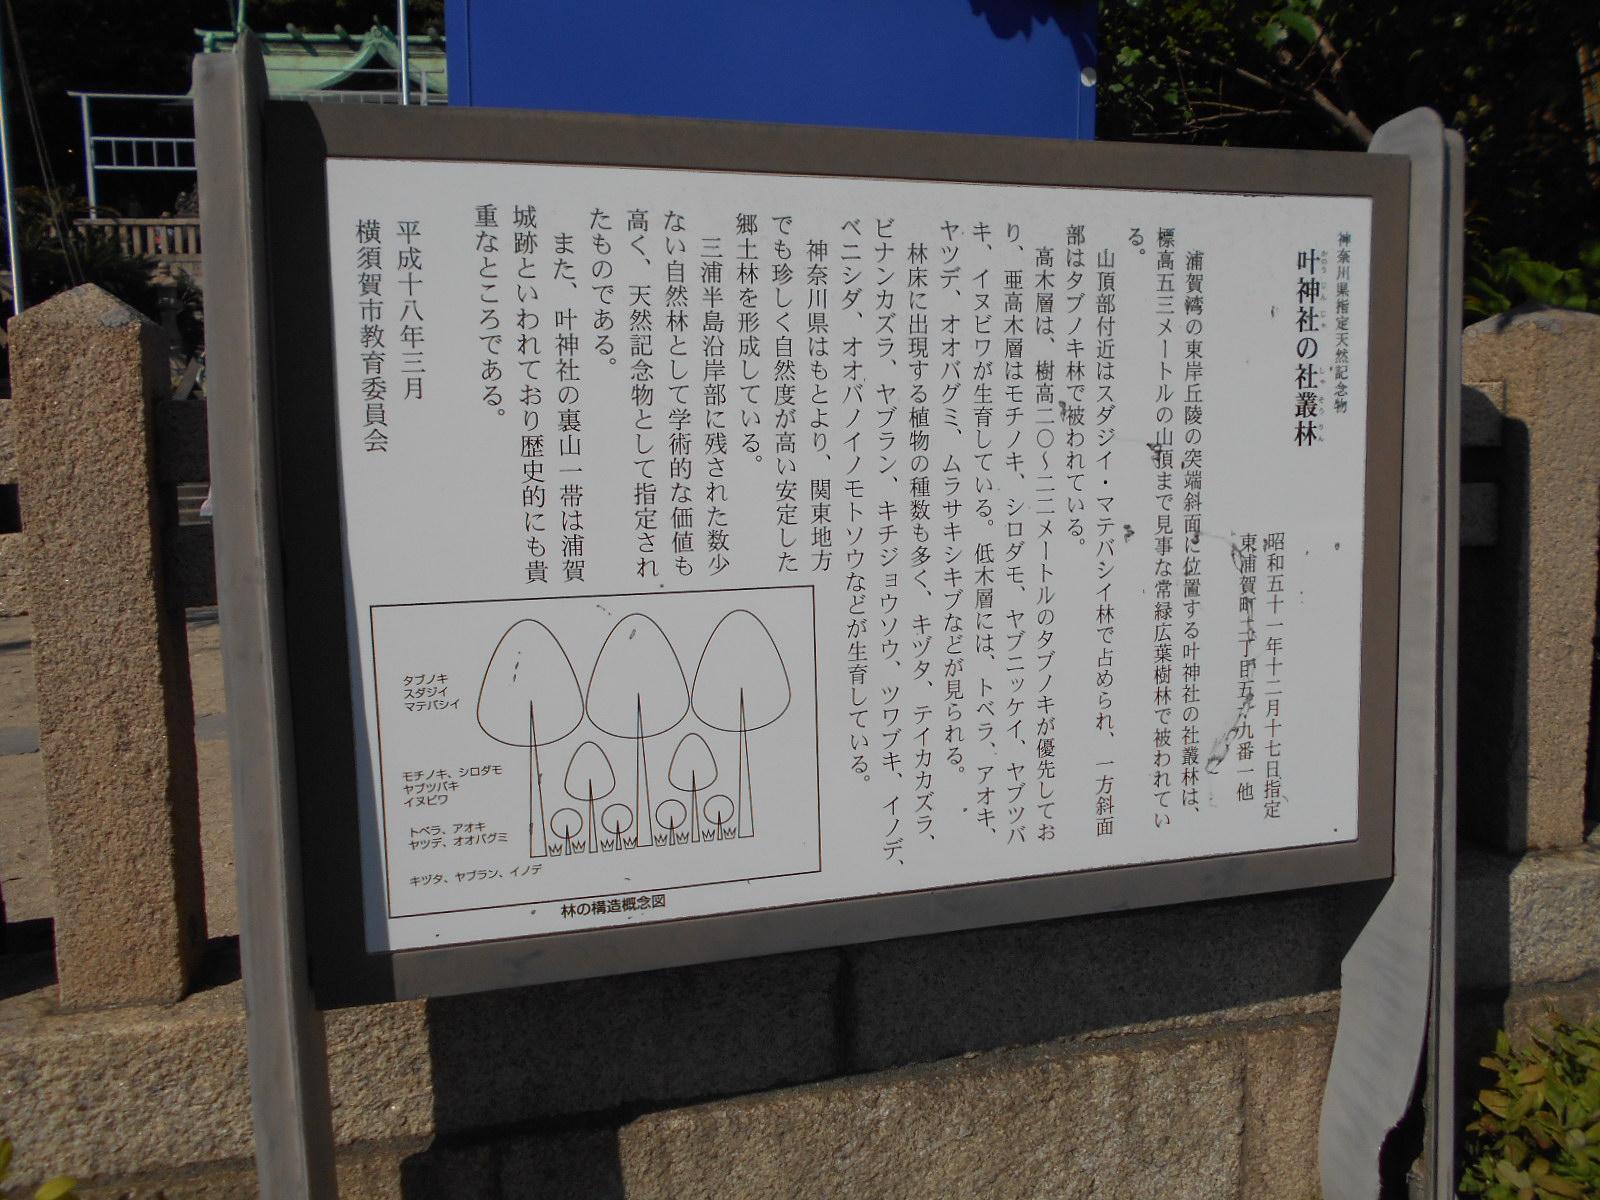 叶神社 (西叶神社)の歴史